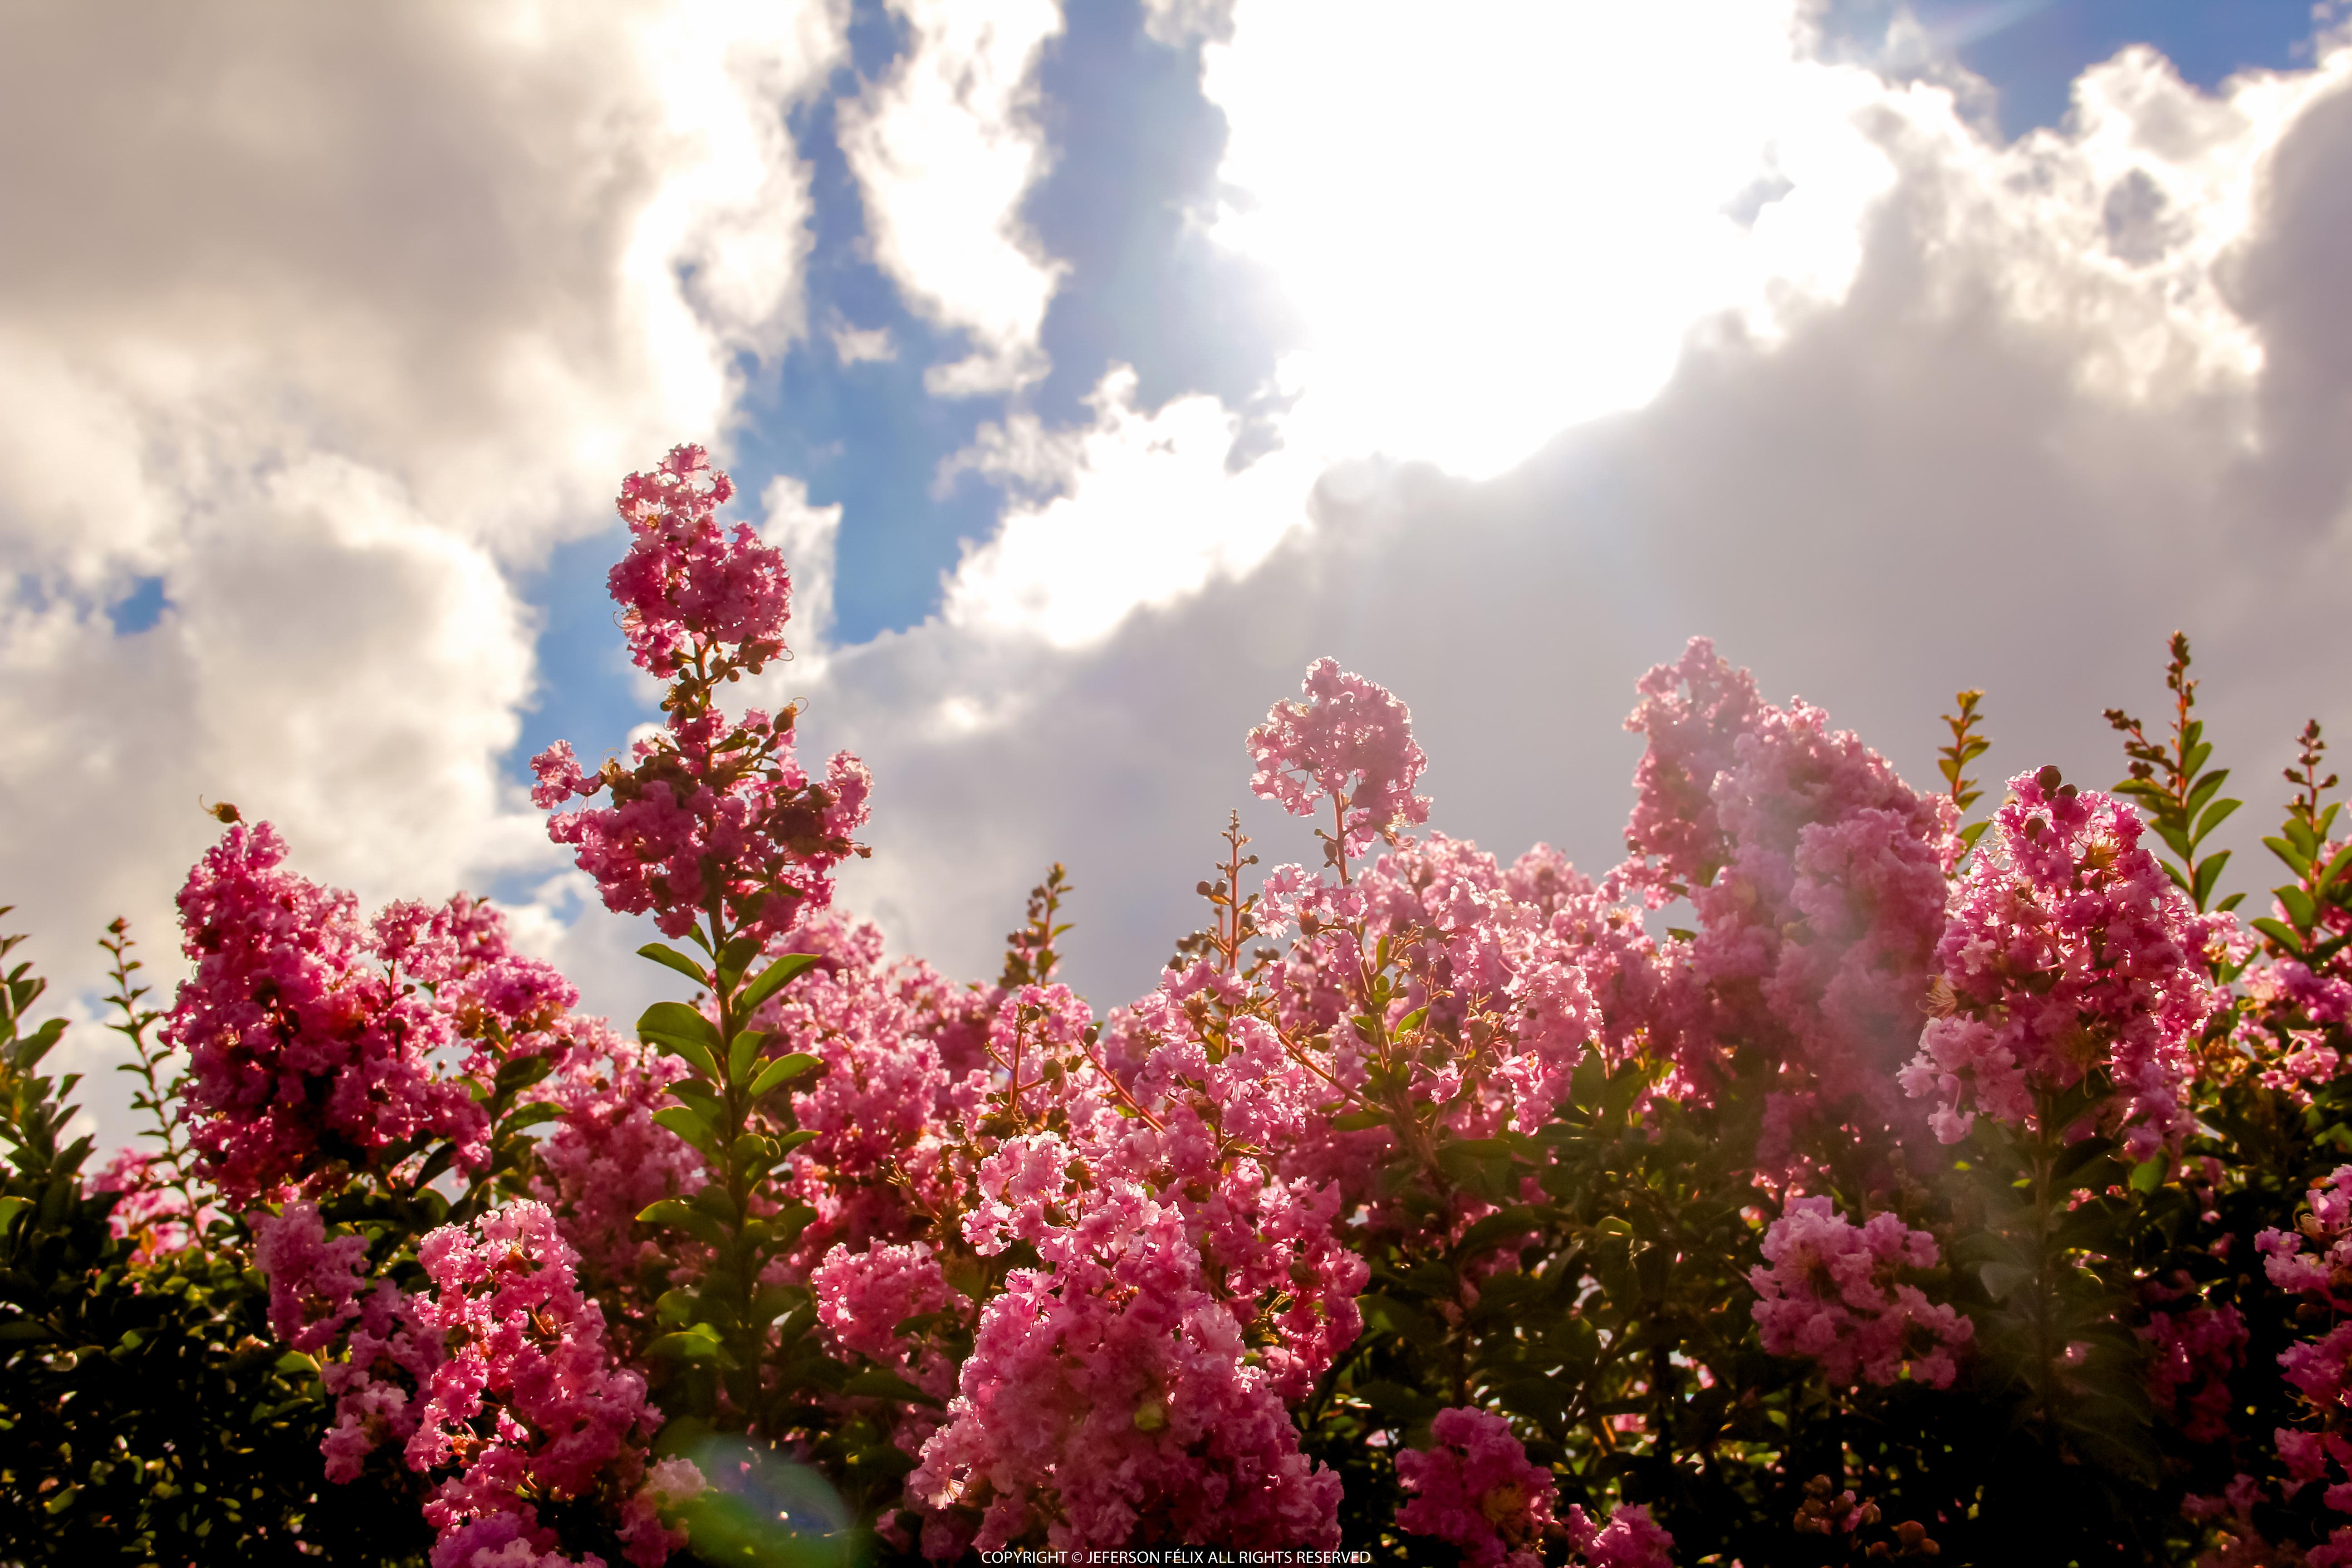 blossom flowers field 4k 1629229635 - Blossom Flowers Field 4k - Blossom Flowers Field wallpapers, Blossom Flowers Field 4k wallpapers